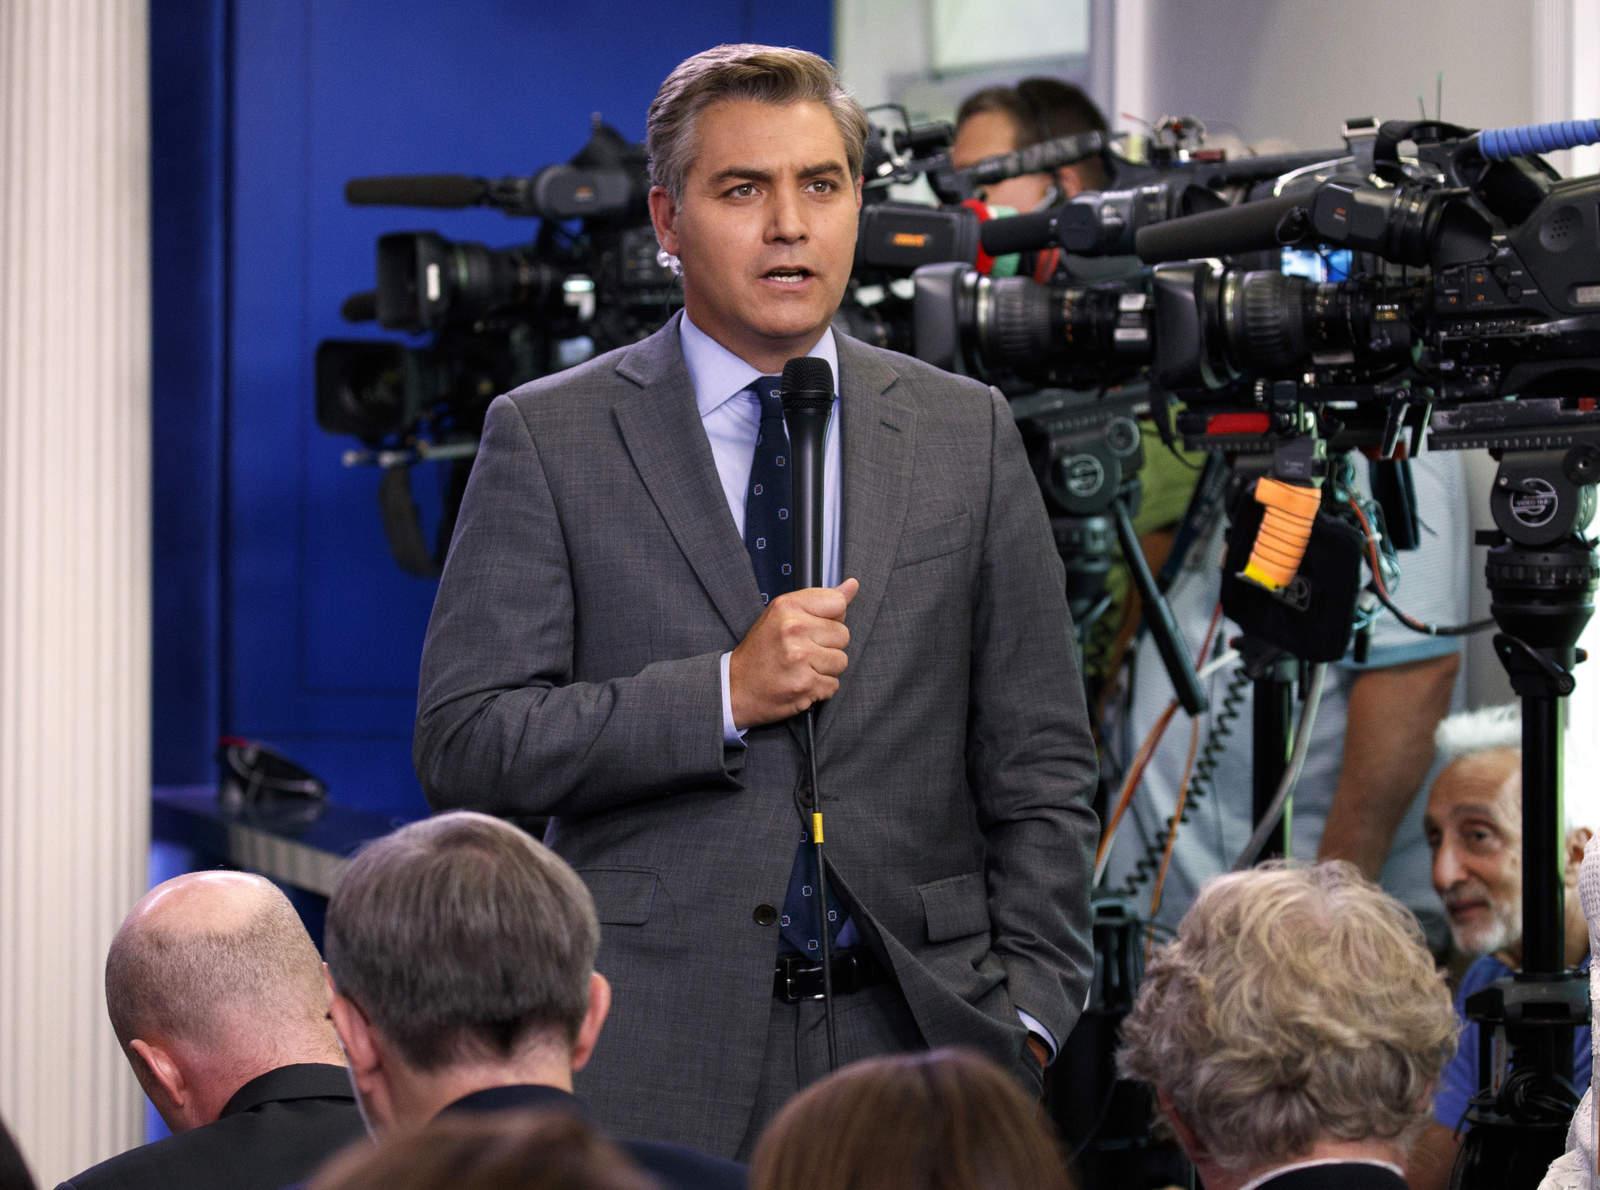 Juez ordena a Casa Blanca devolver acreditación a periodista de CNN